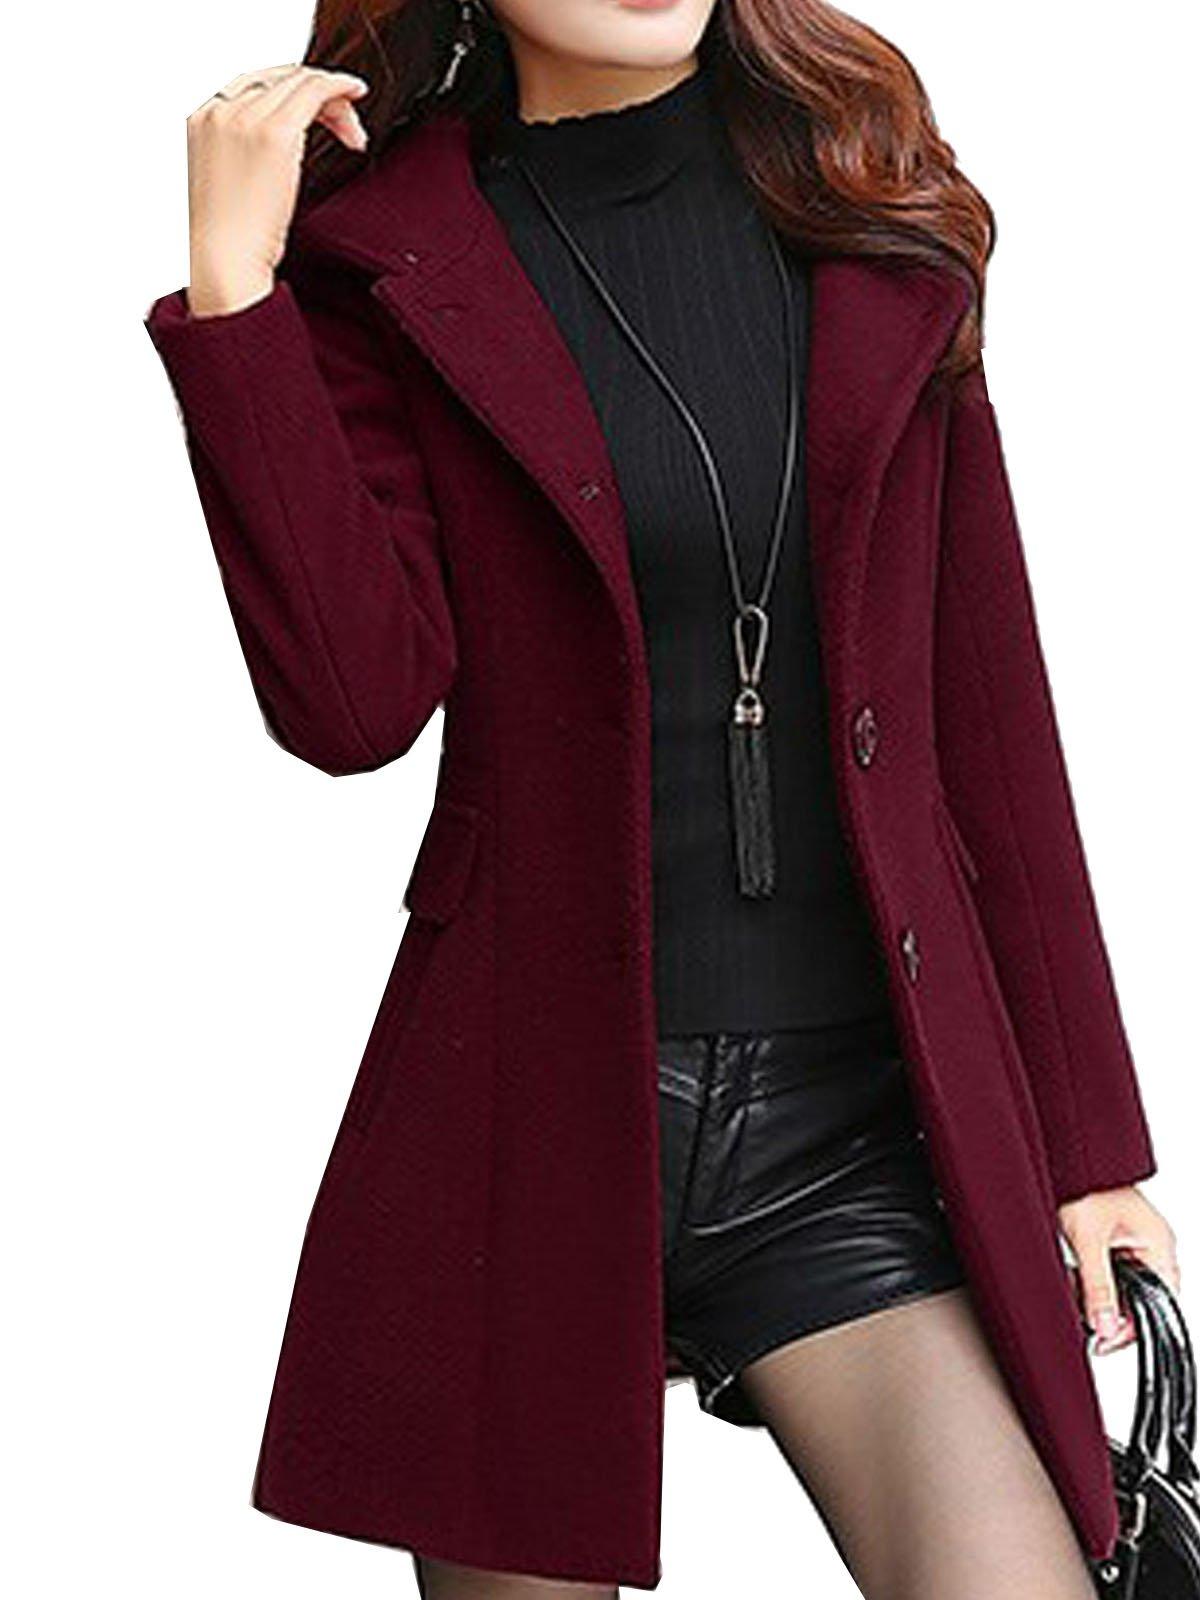 S&S Women's Sweet Heart Solid Splicing Lapel Double Breasted Side Pocket Wool Pea Coat